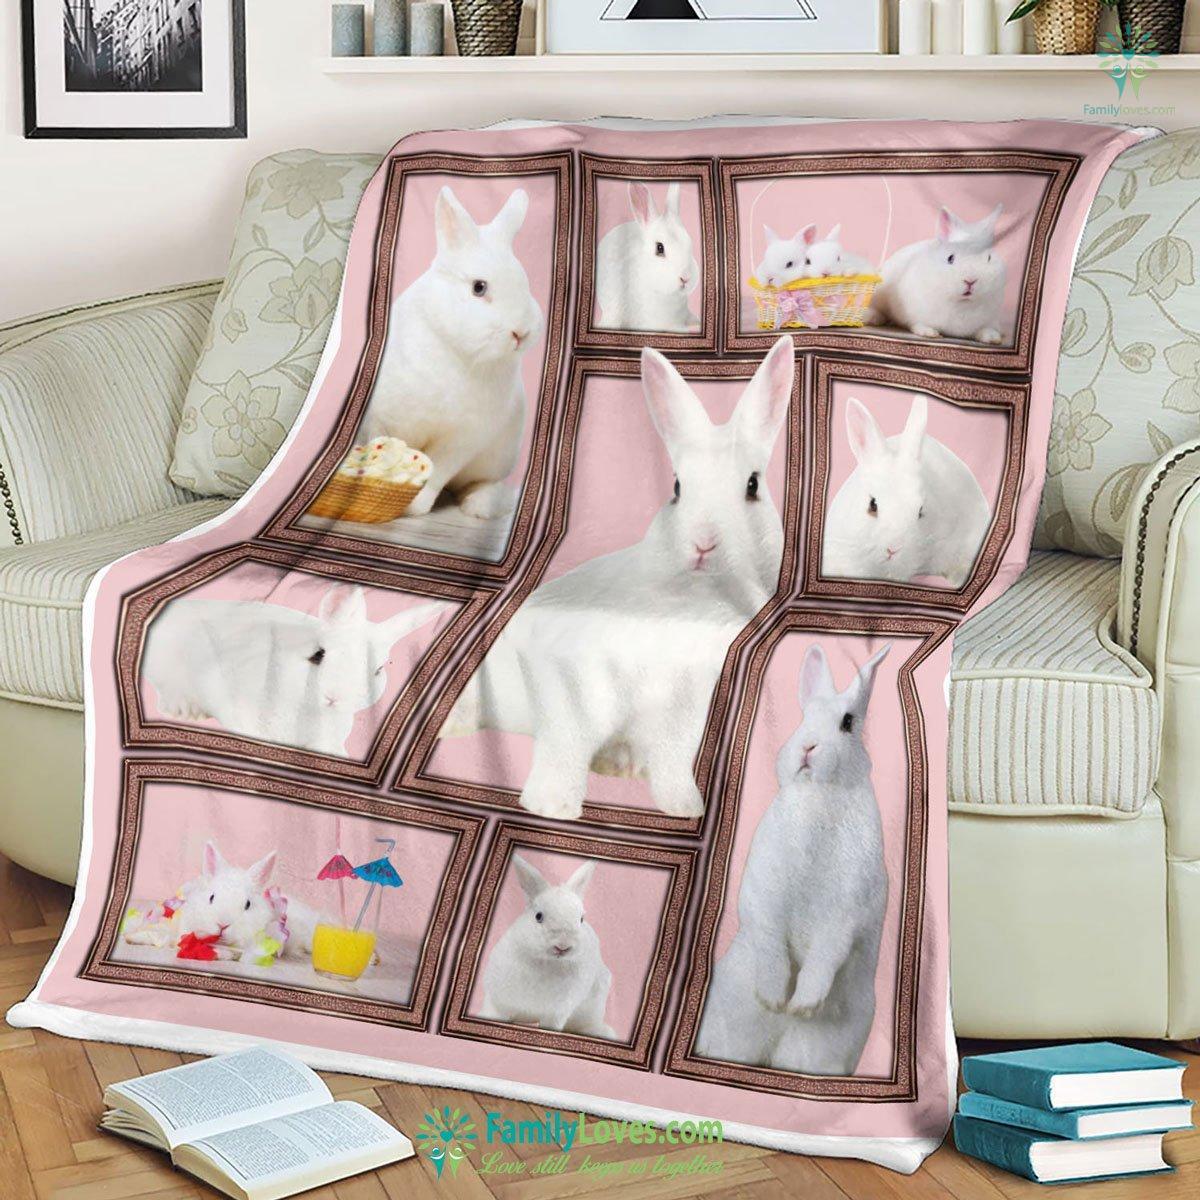 White Rabbit Blanket 18 Familyloves.com